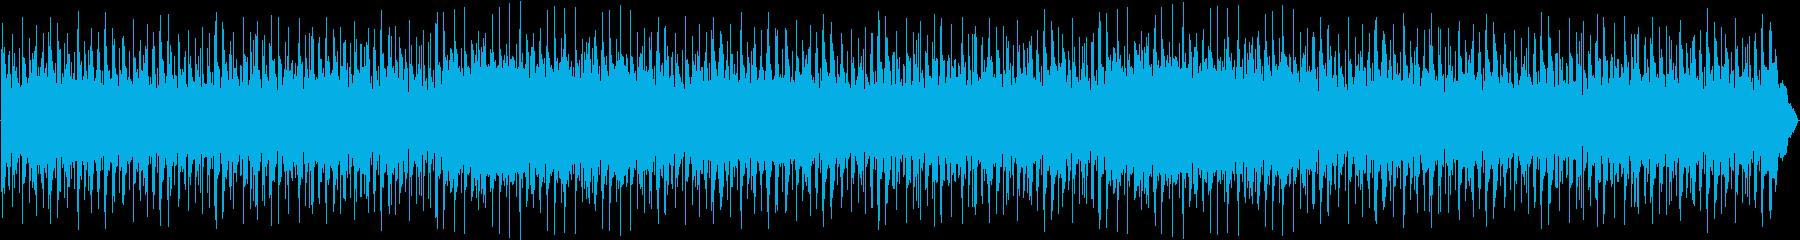 驚くほどの動きのあるダークでモダン...の再生済みの波形